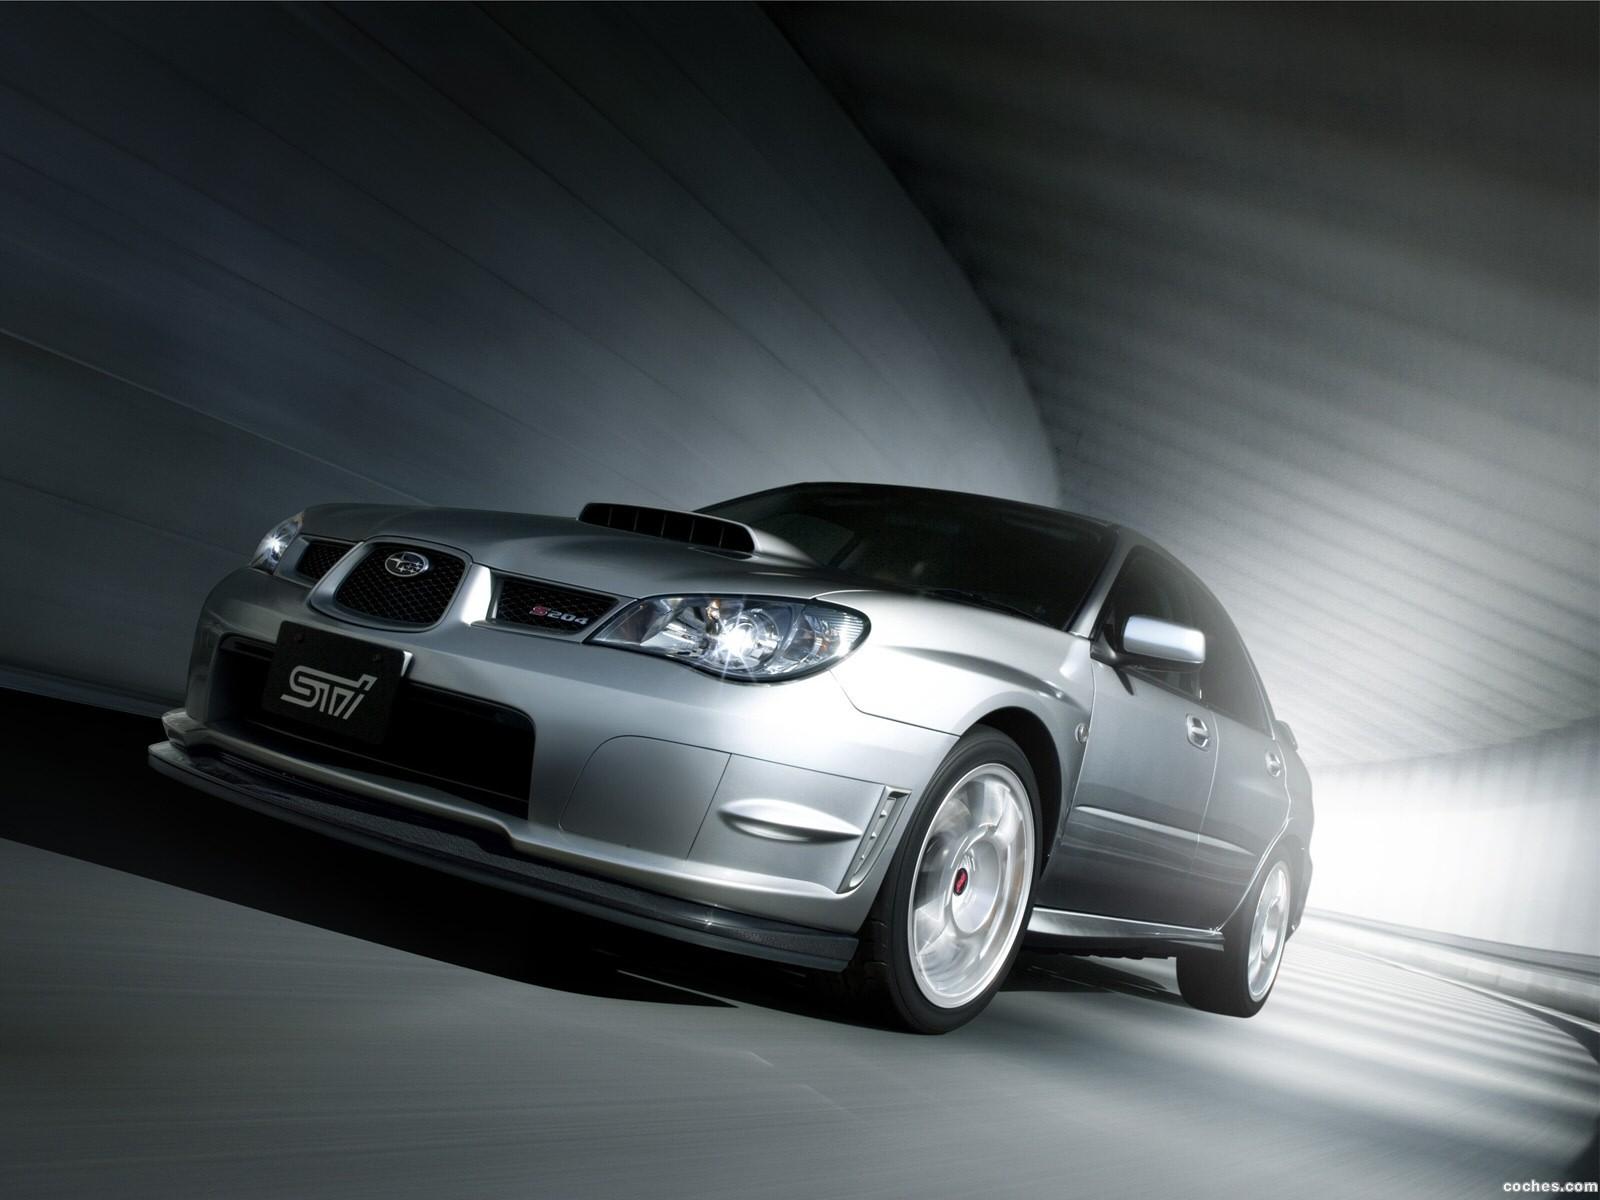 Foto 3 de Subaru Impreza STi S204 2006